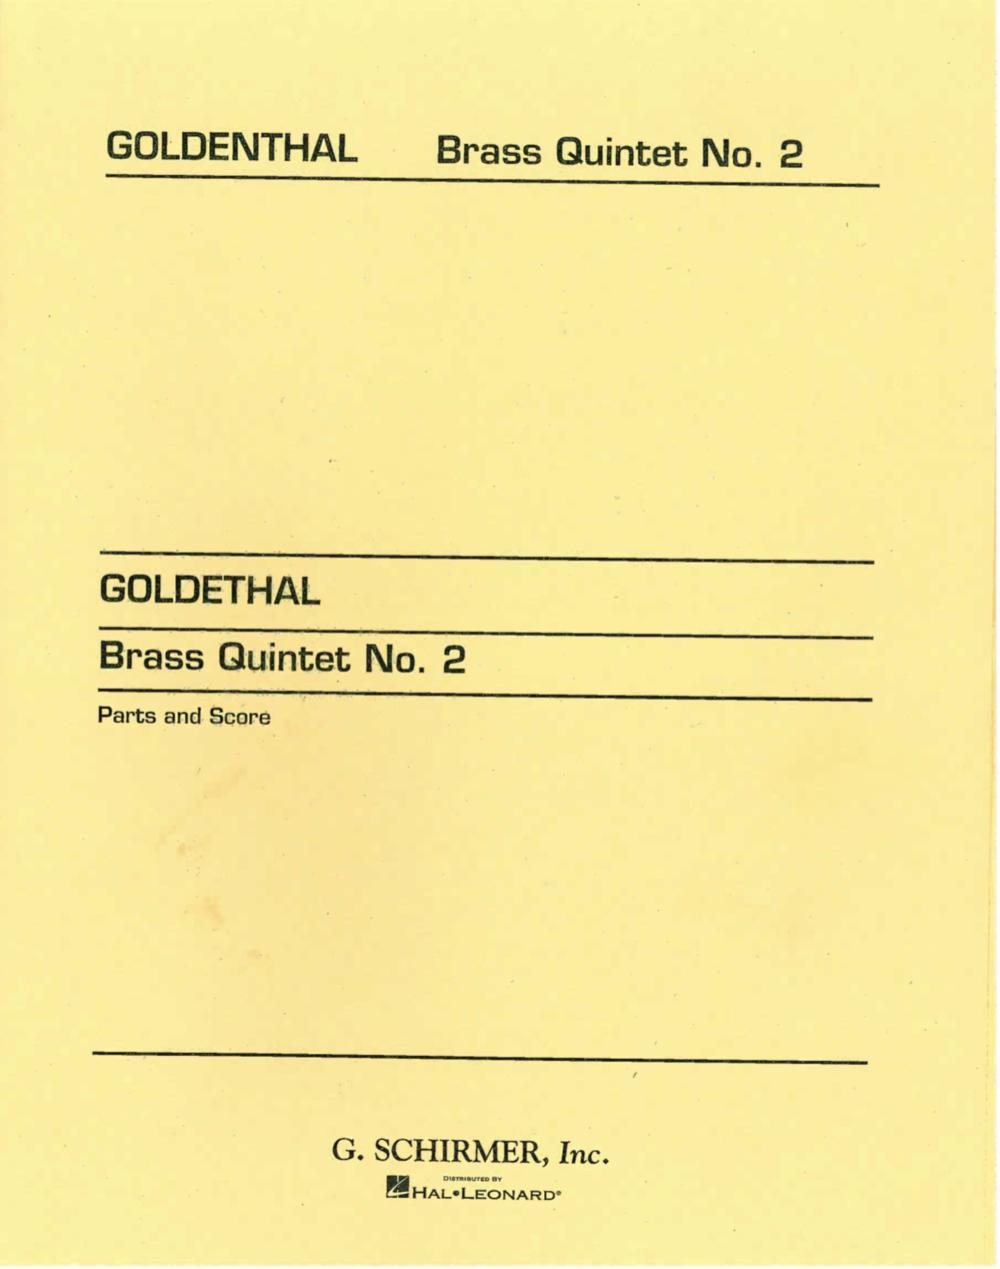 brass quintet 2.png